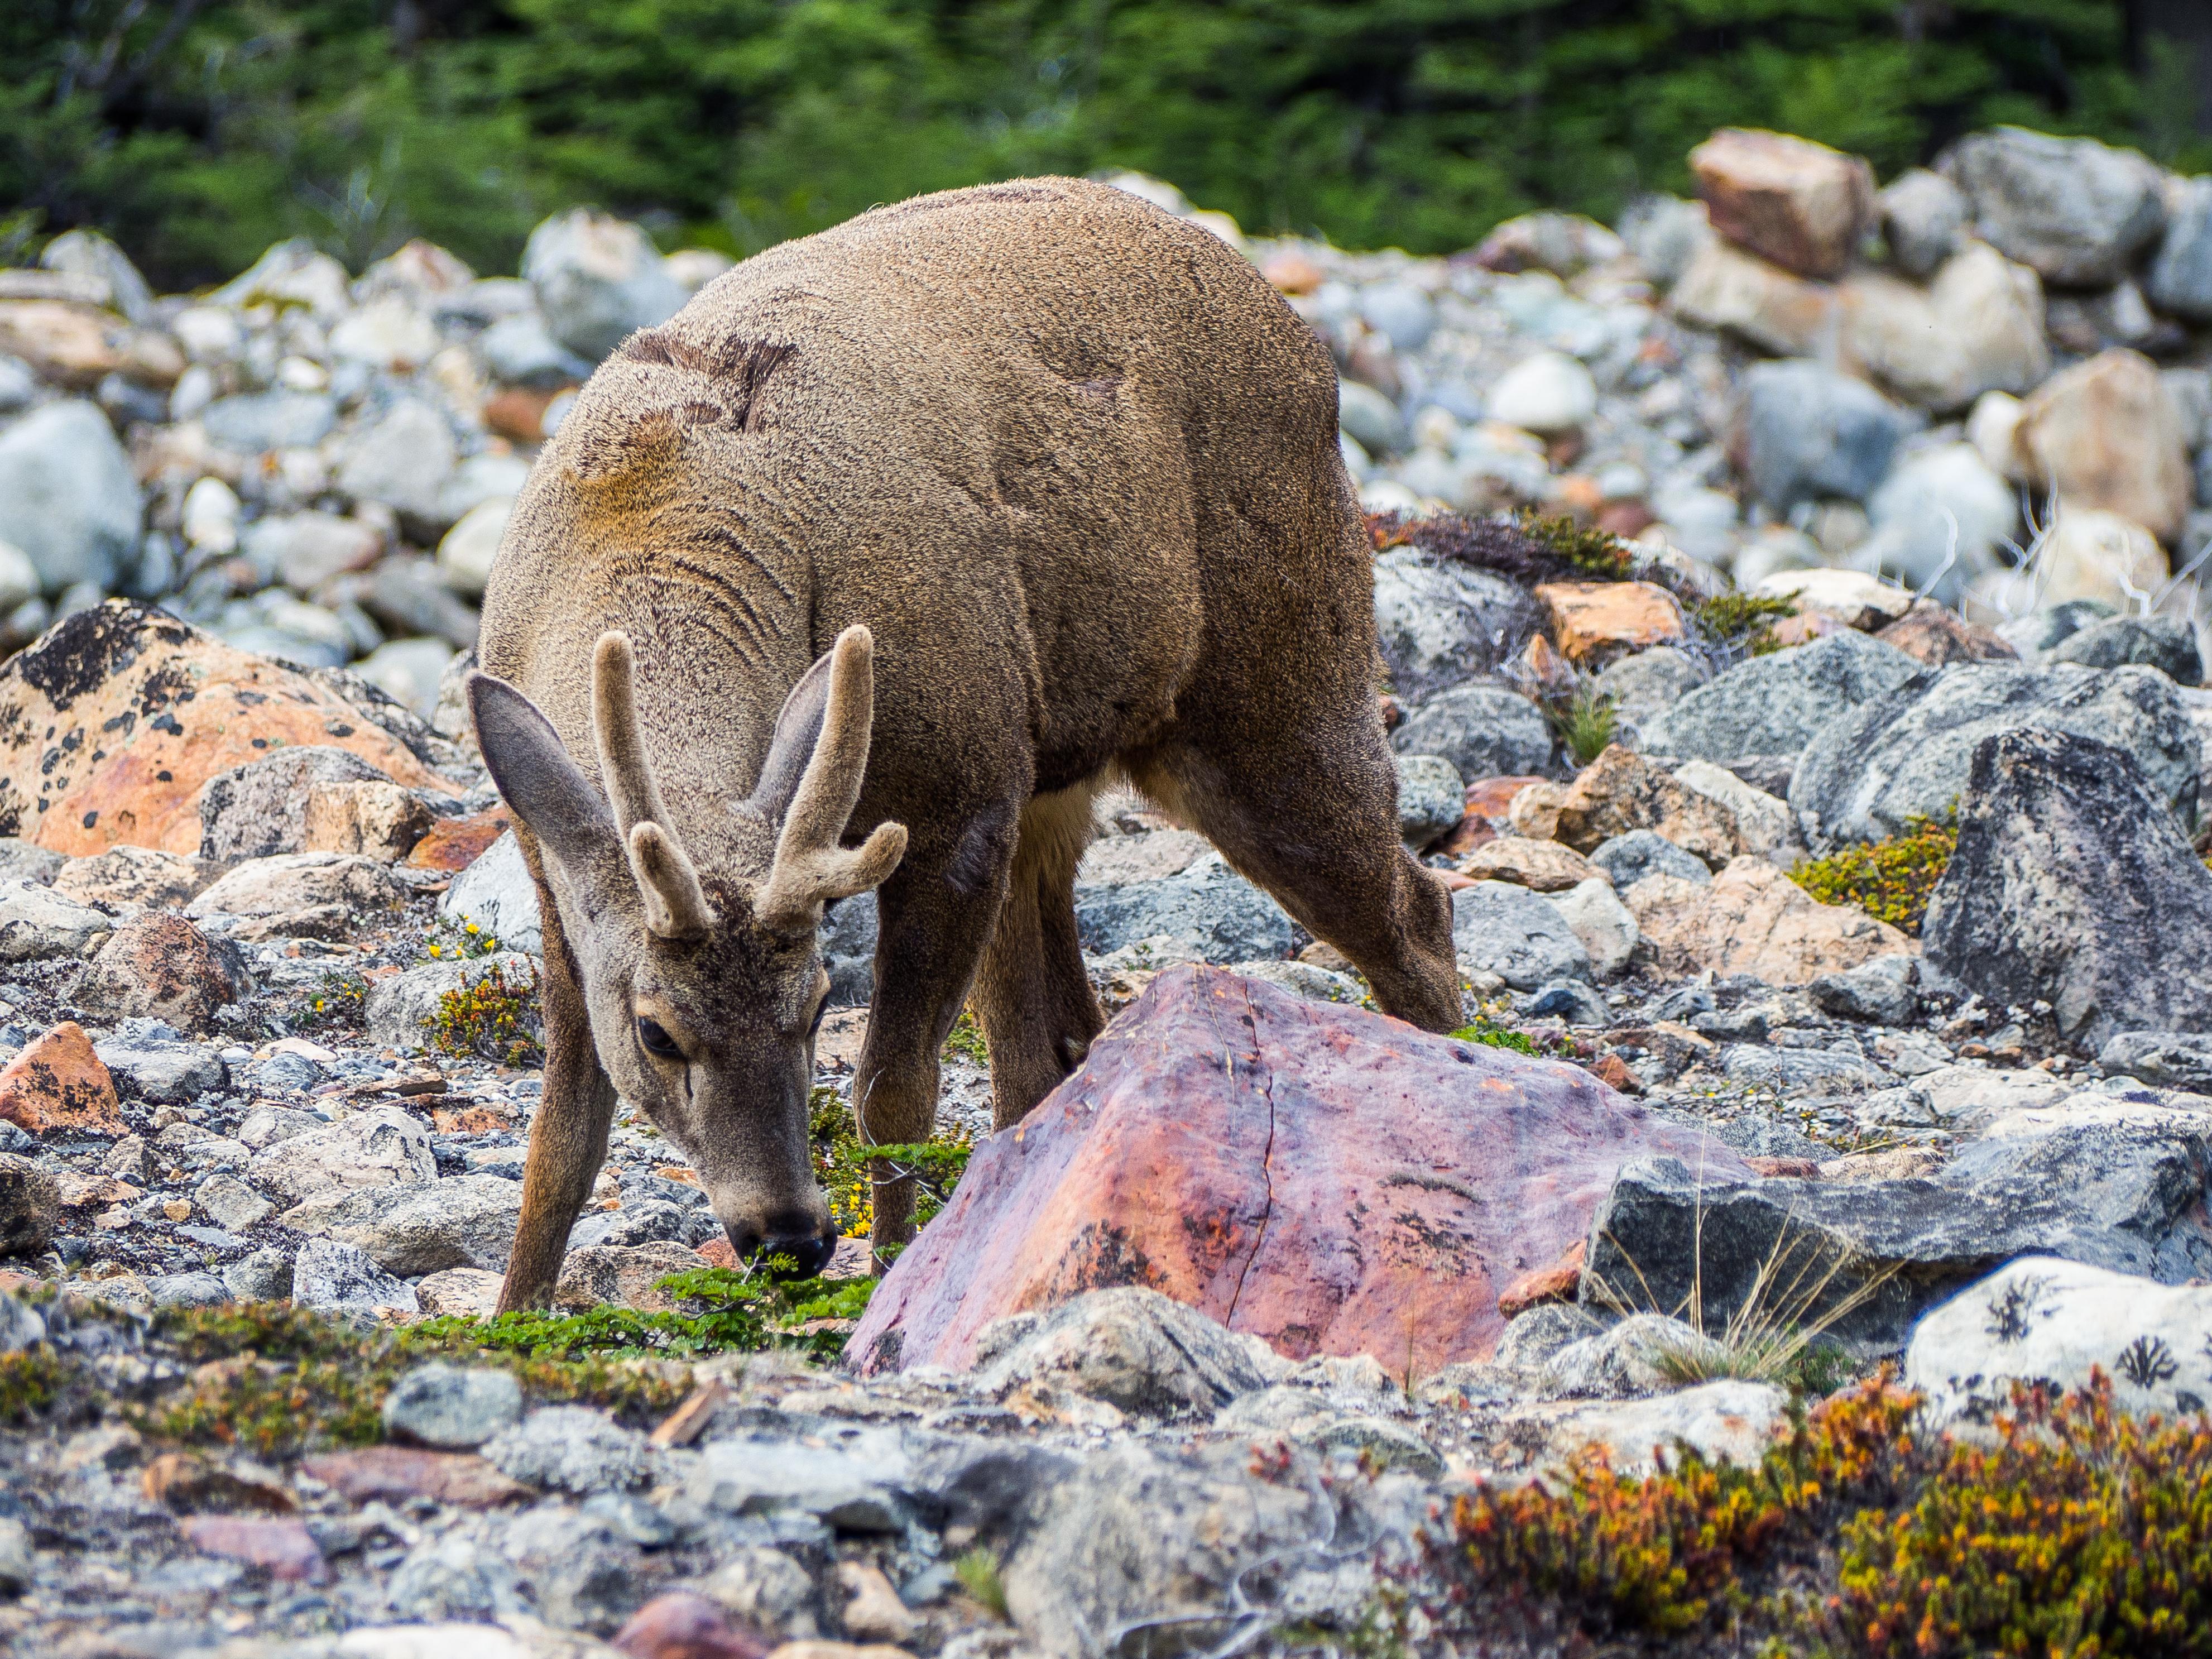 Huemul deer eating grass in Argentina Patagonia